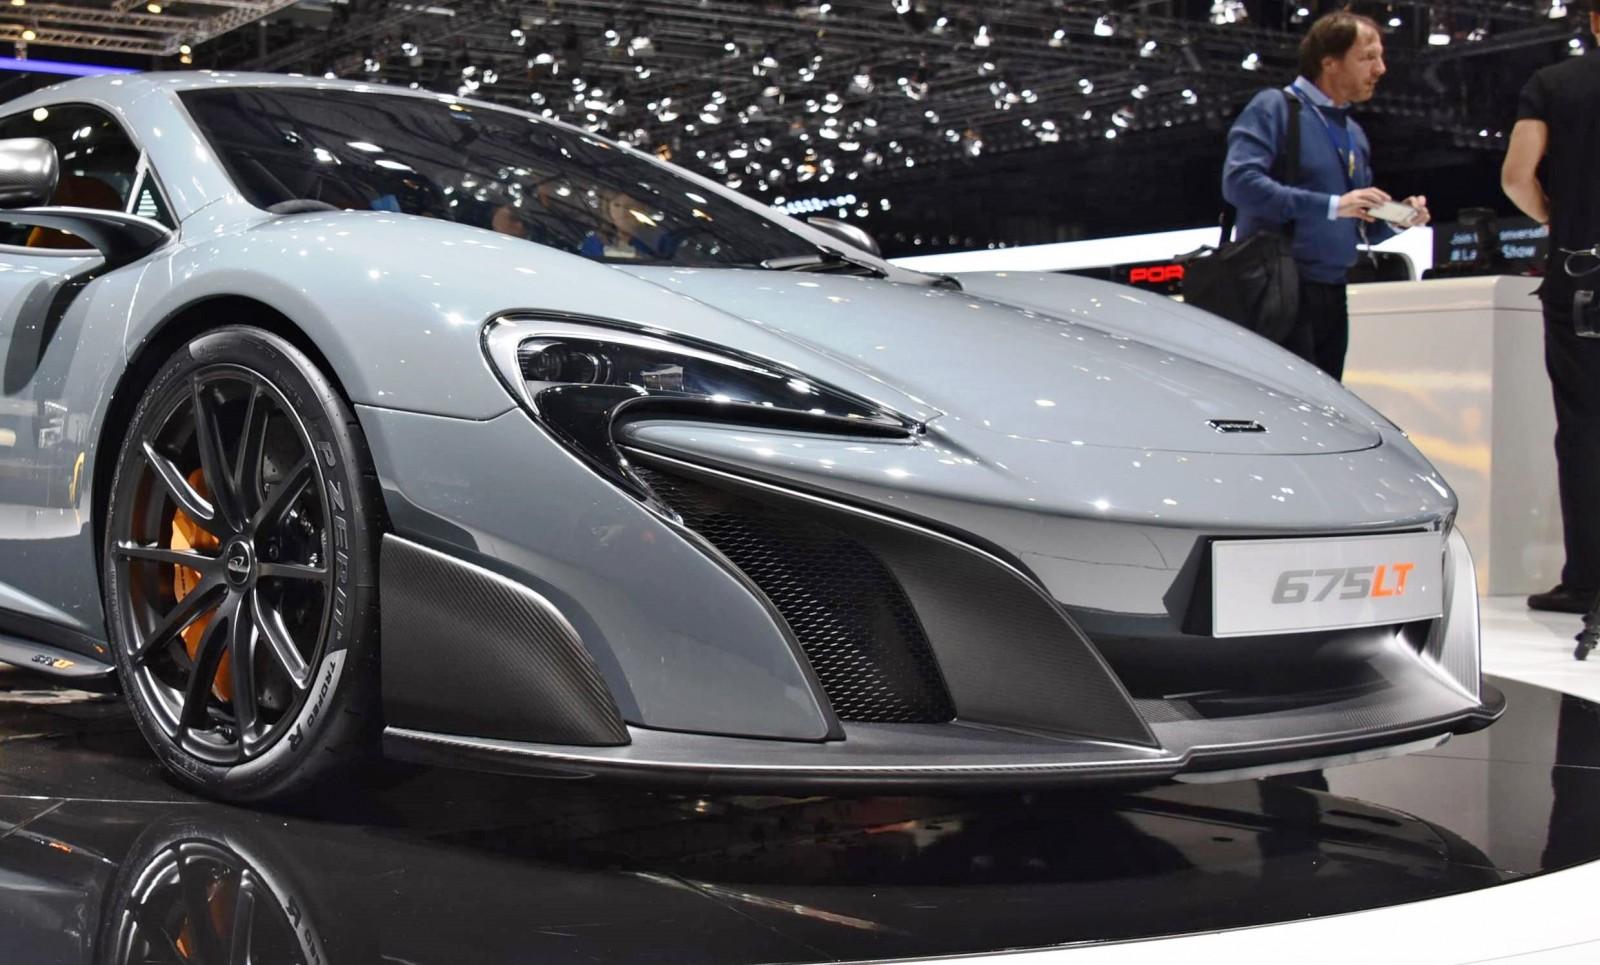 2015 McLaren 675LT 49